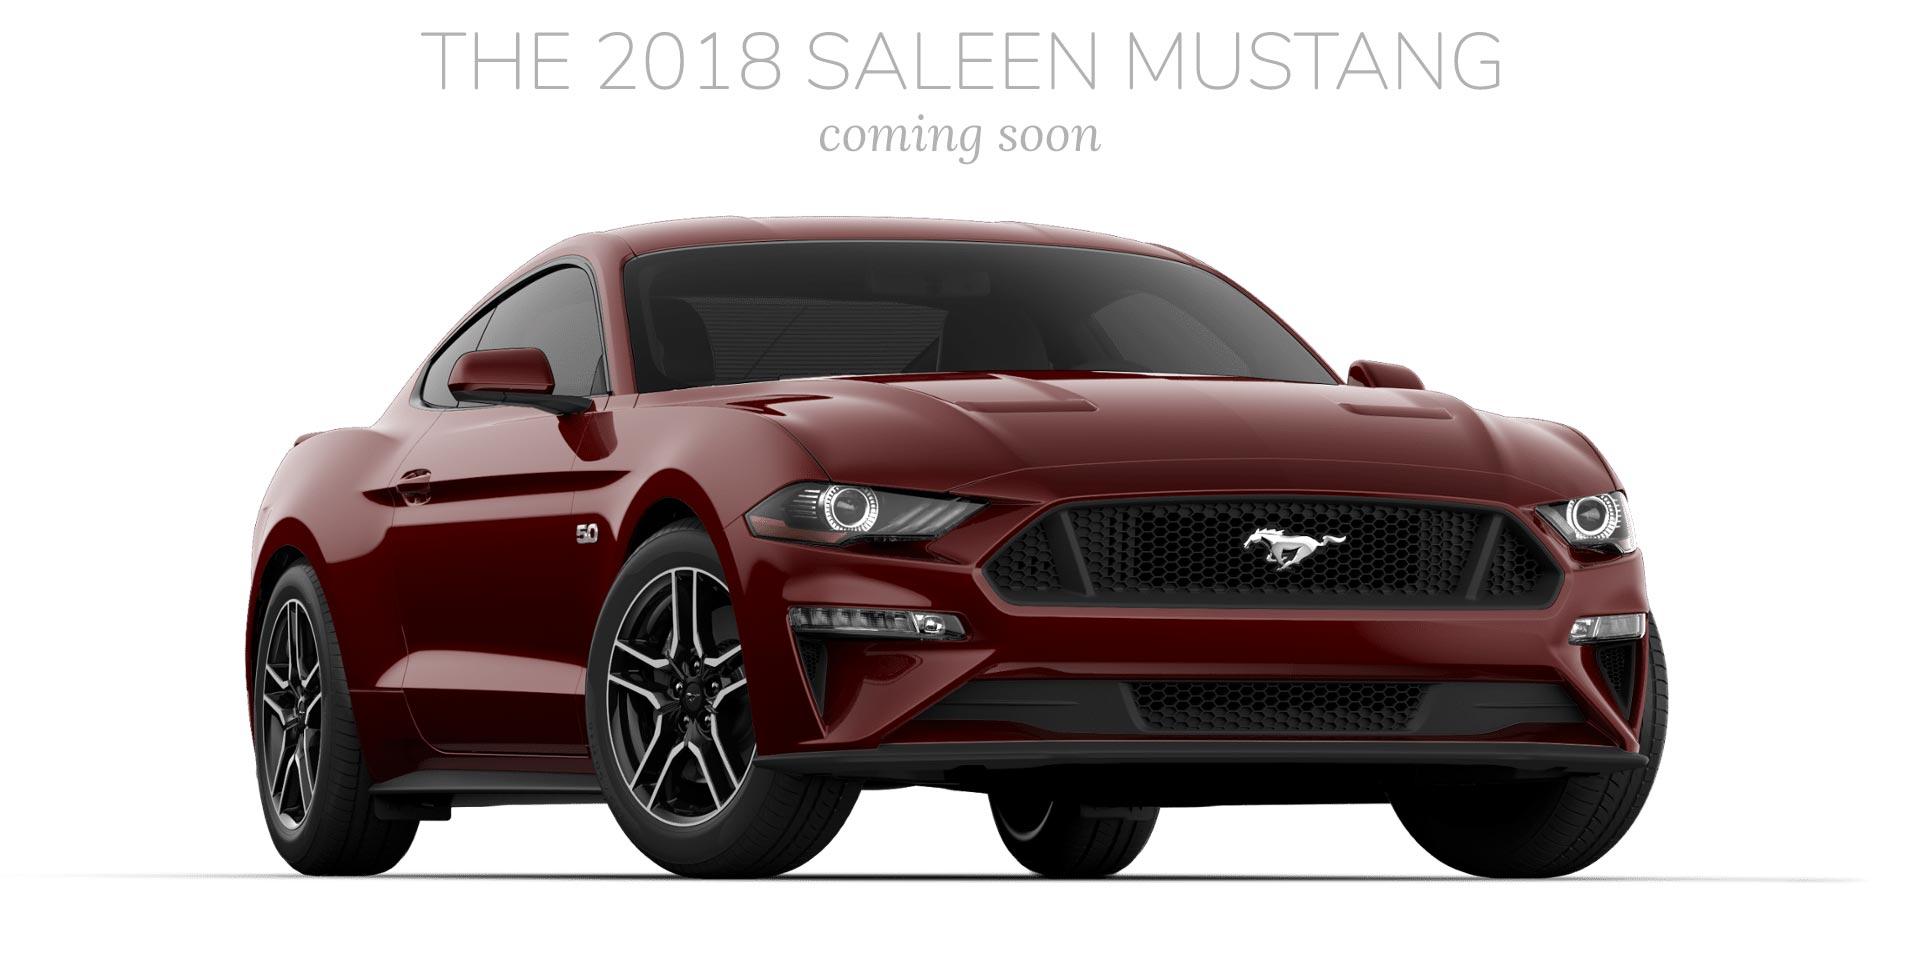 2018-saleen-mustang-11 | Saleen